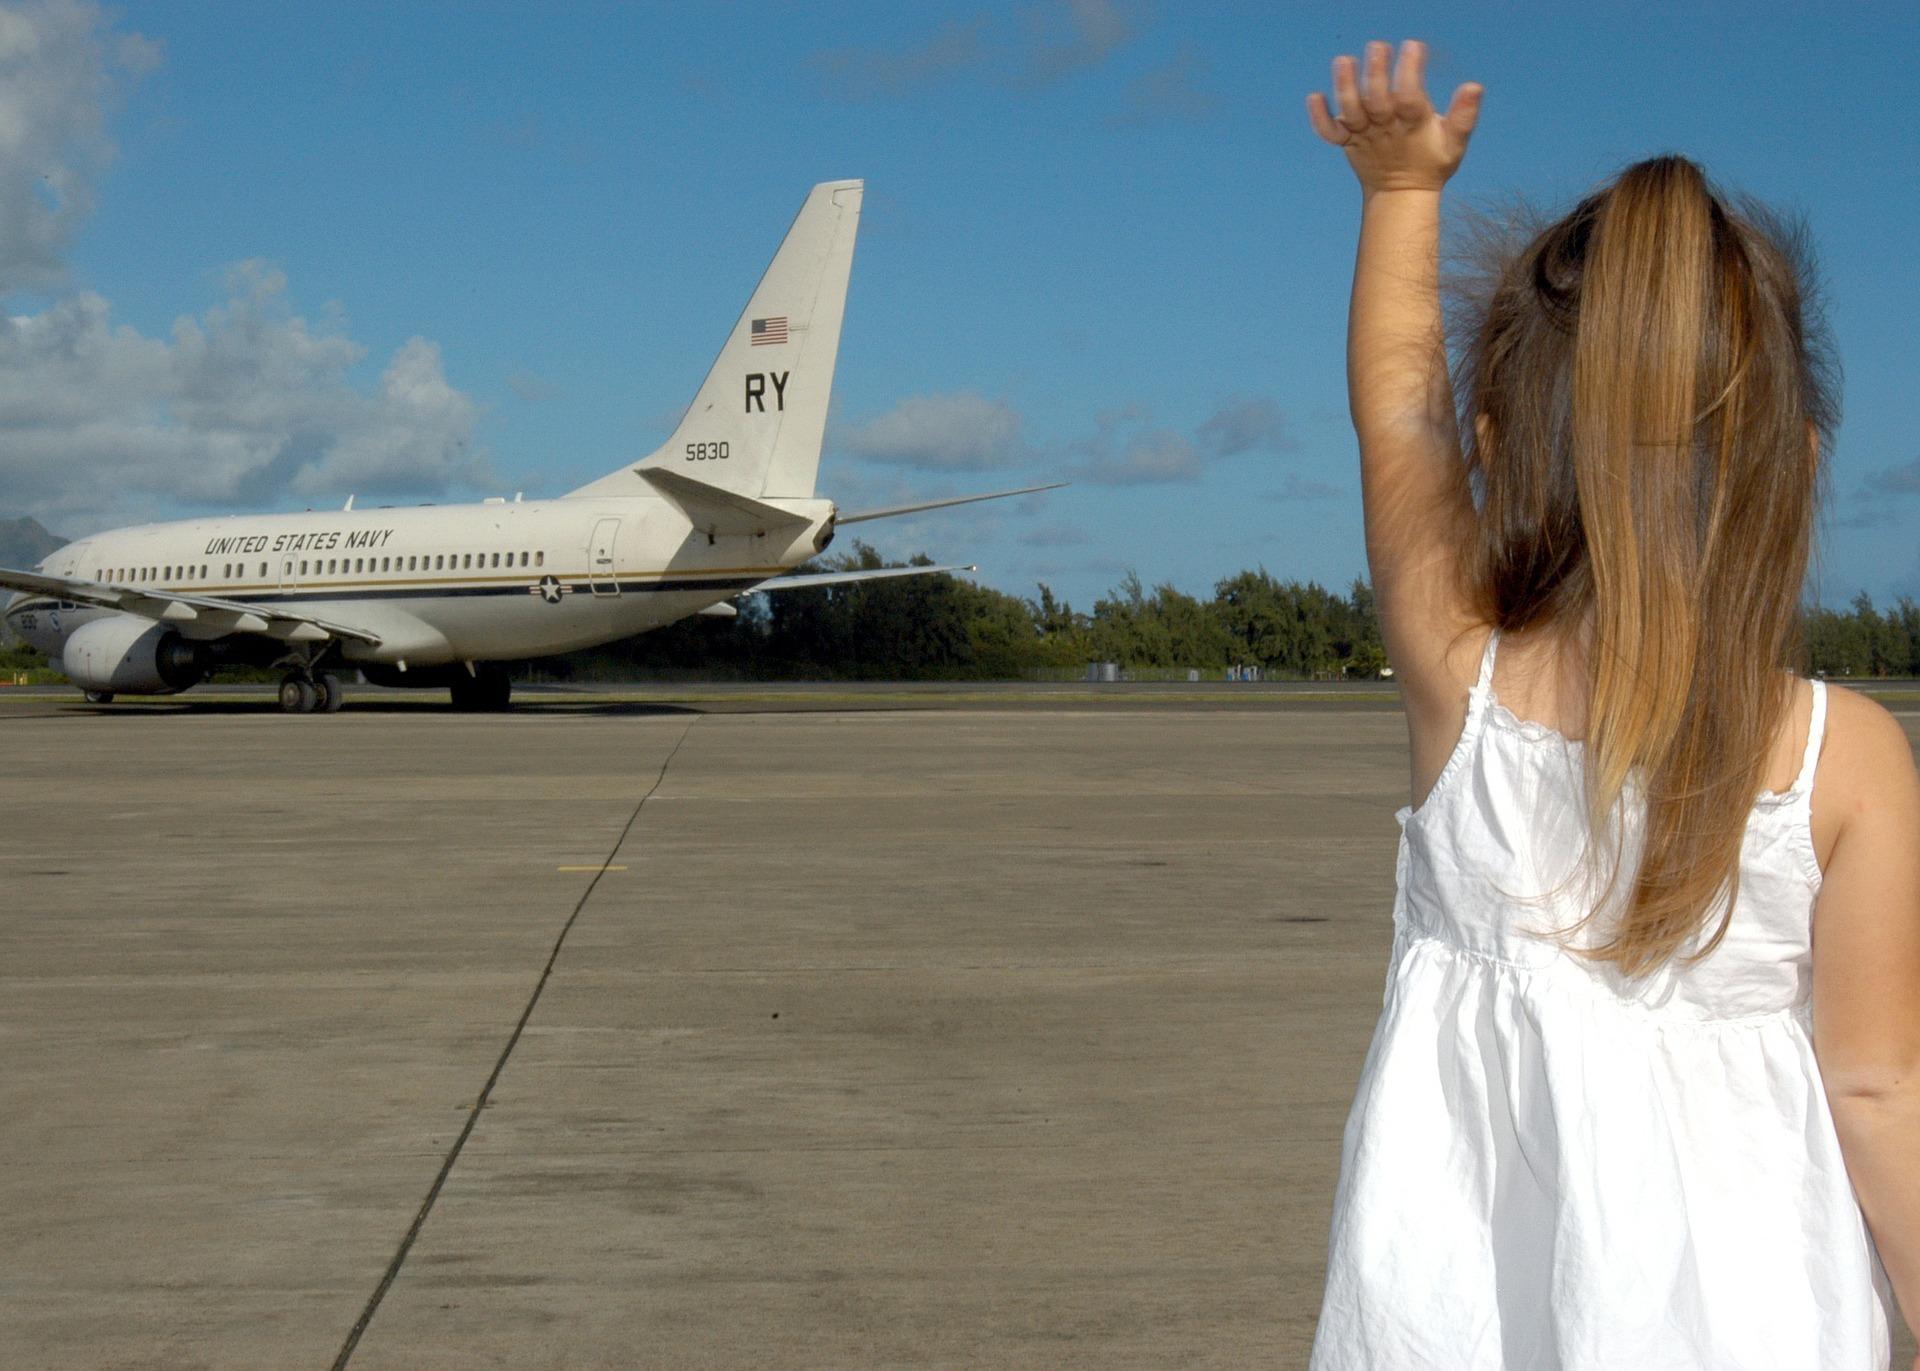 Podróż samolotem z dzieckiem - co zabrać? Dziewczynka czekająca na samolot.